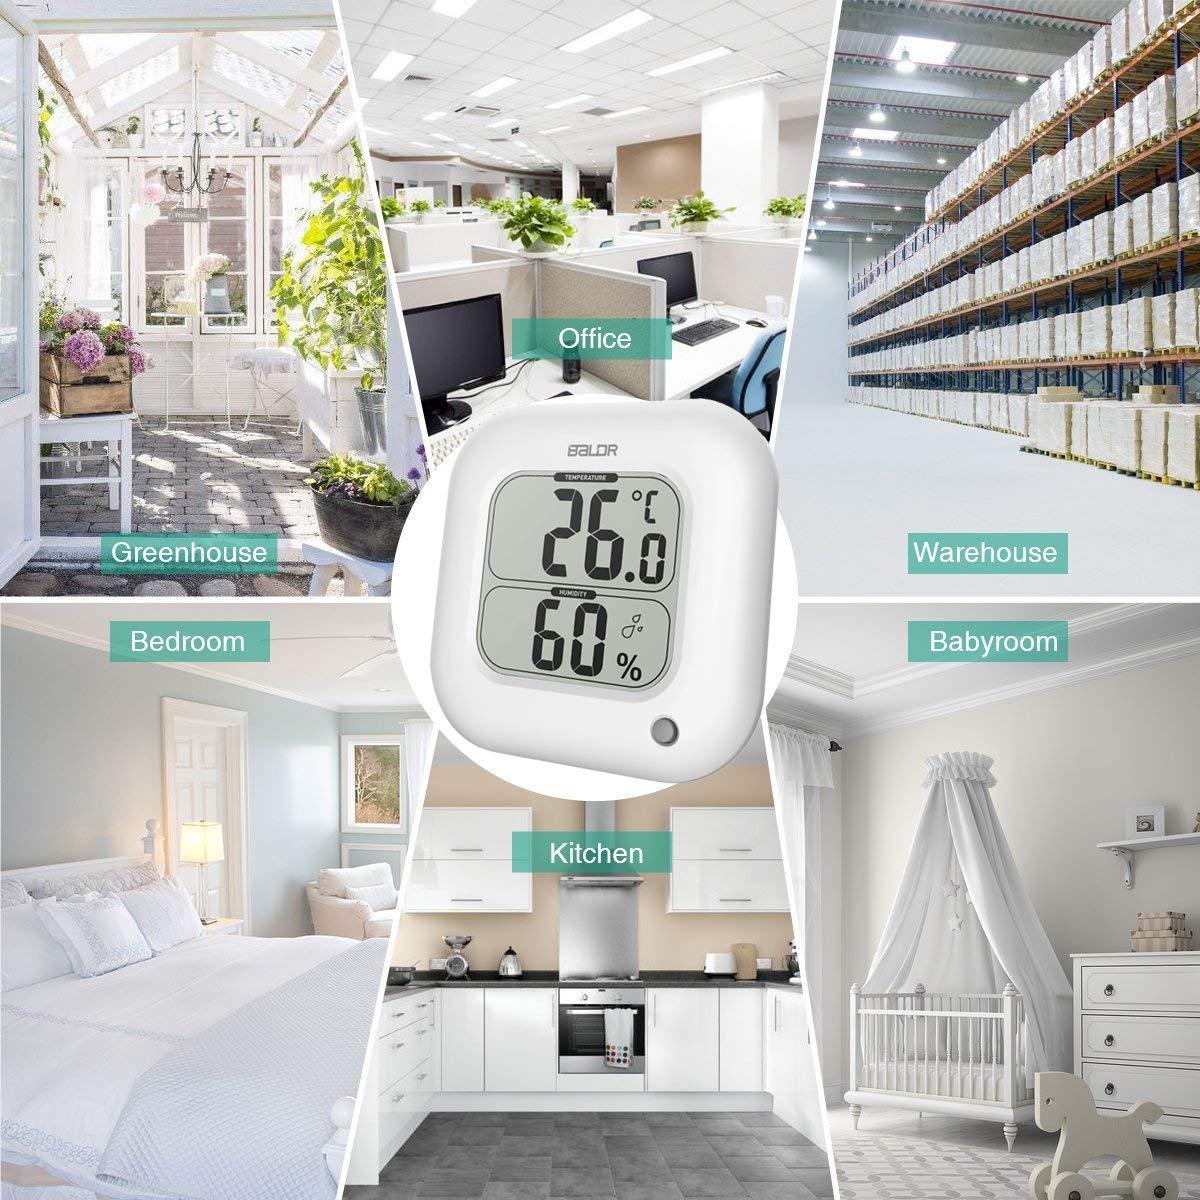 zimmertemperatur schlafzimmer baby bettw sche elefant. Black Bedroom Furniture Sets. Home Design Ideas